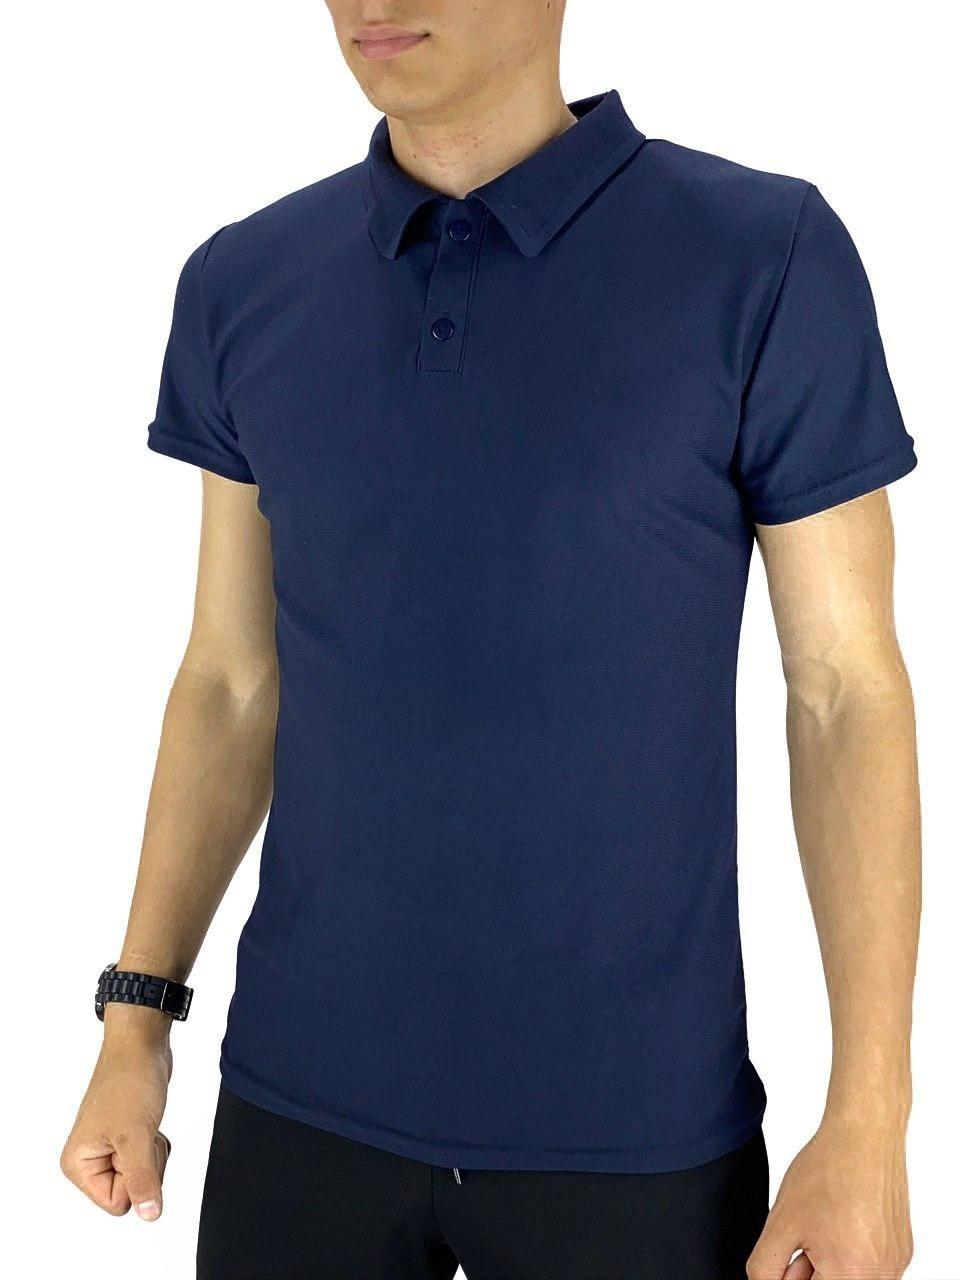 Мужская футболка поло Intruder LaCosta синяя